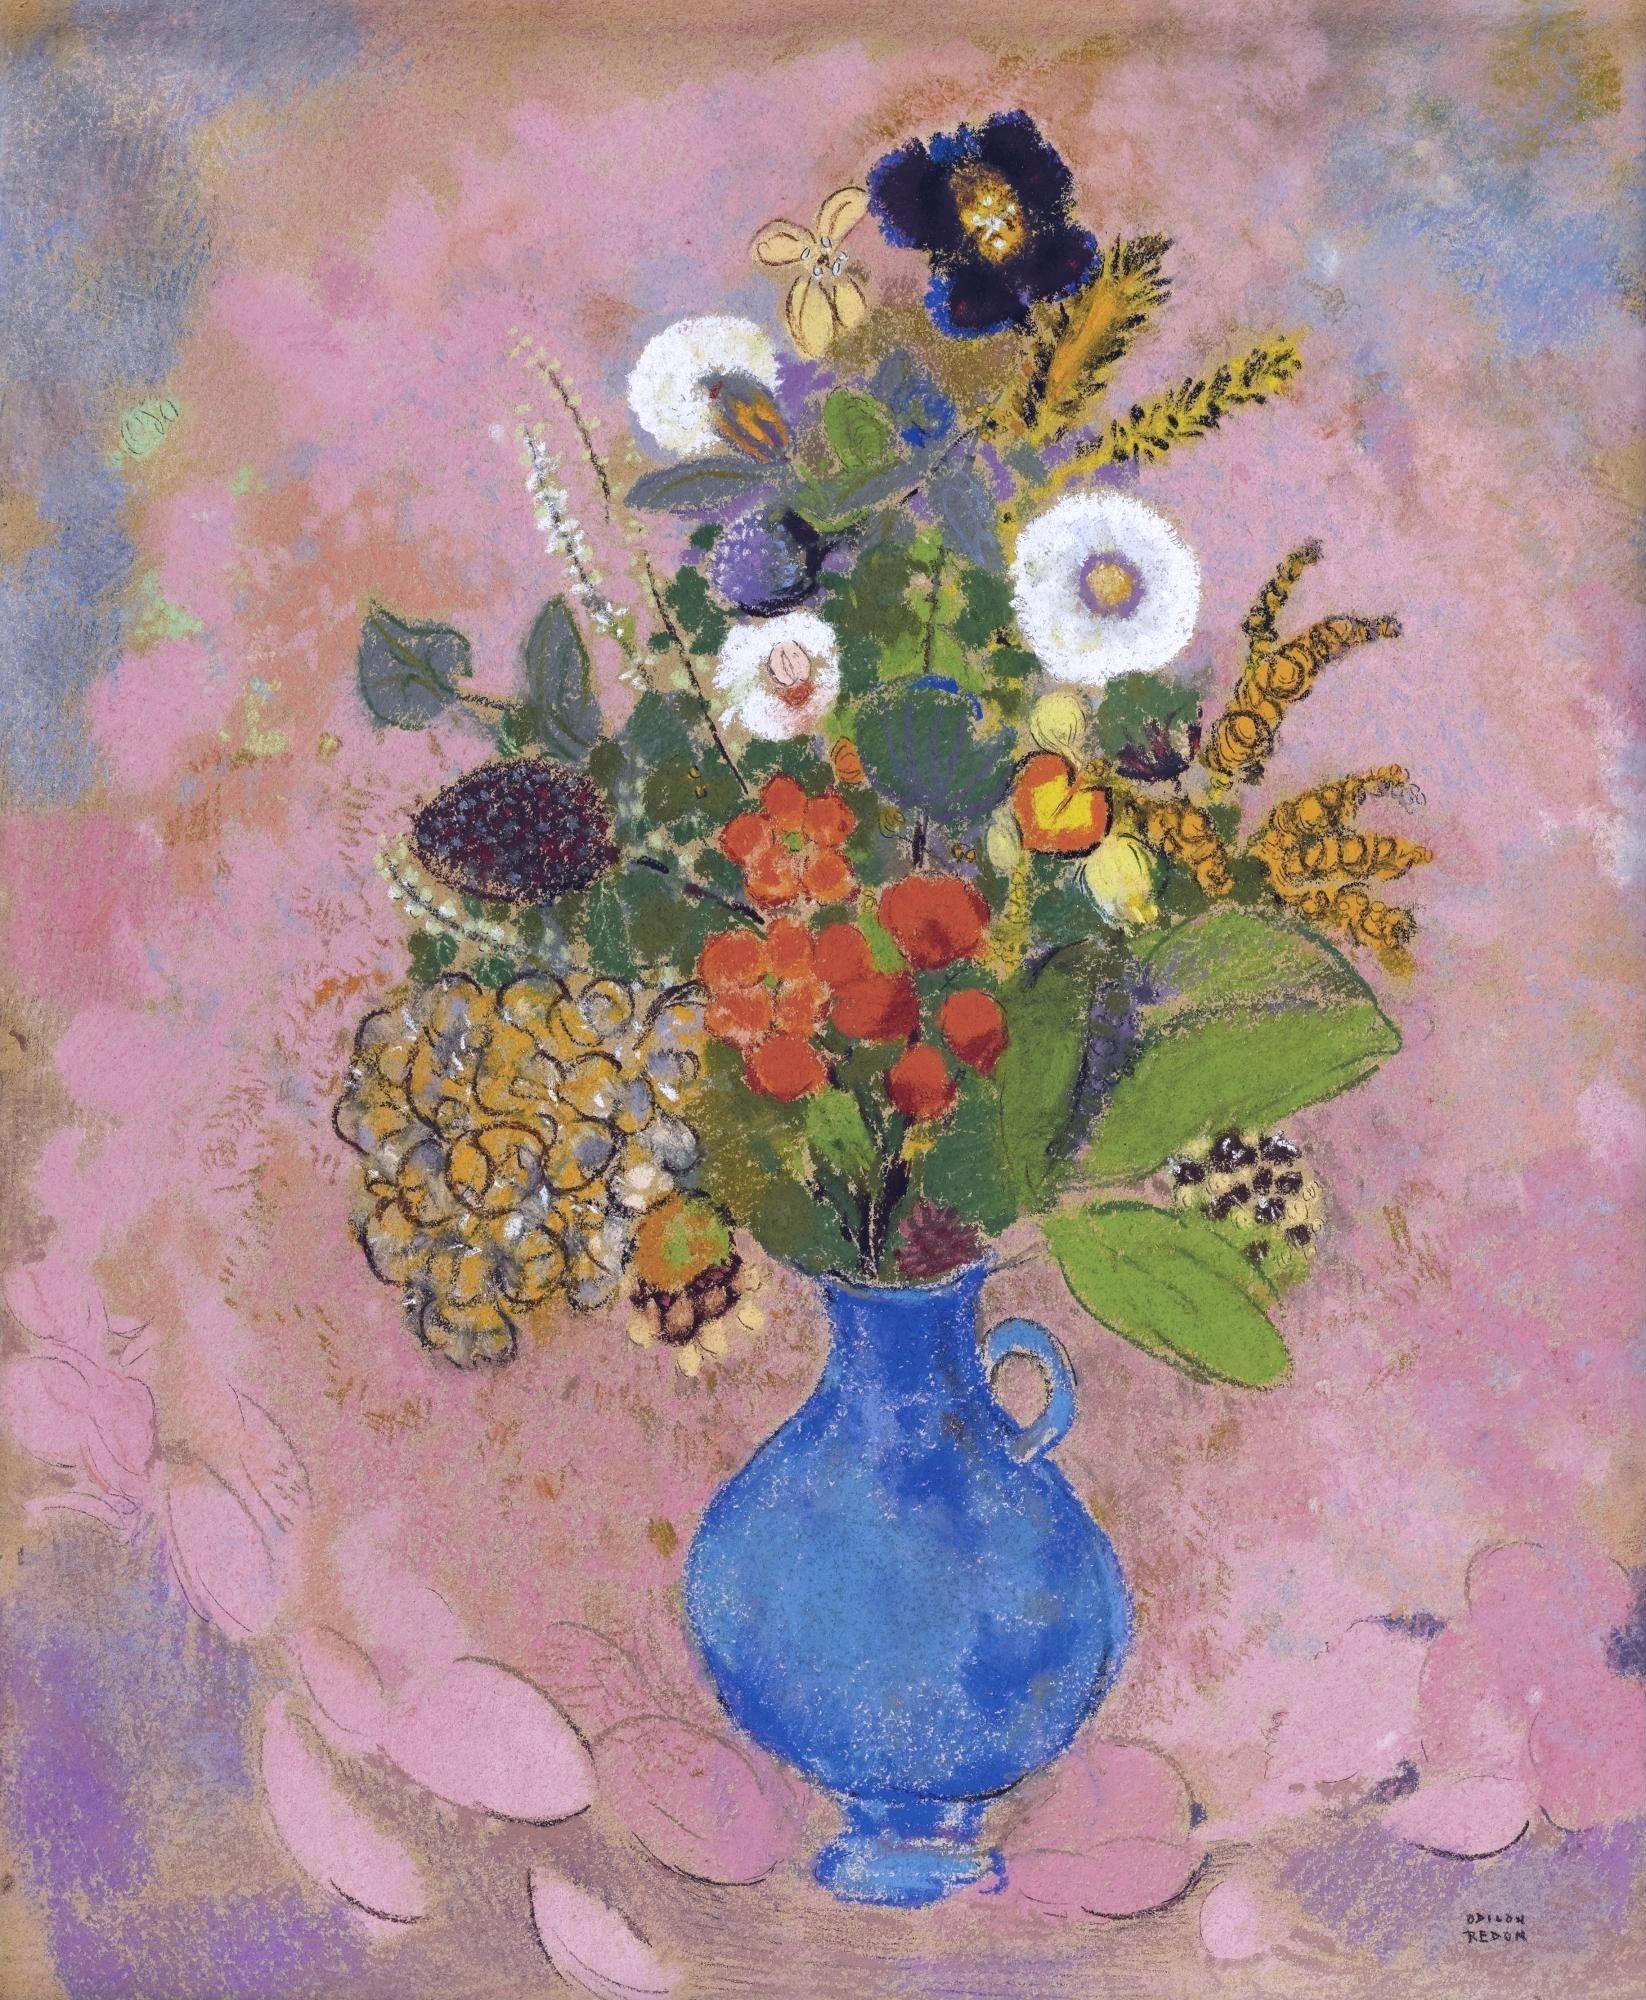 выбор цветы в изобразительном искусстве картинки касается оттенков